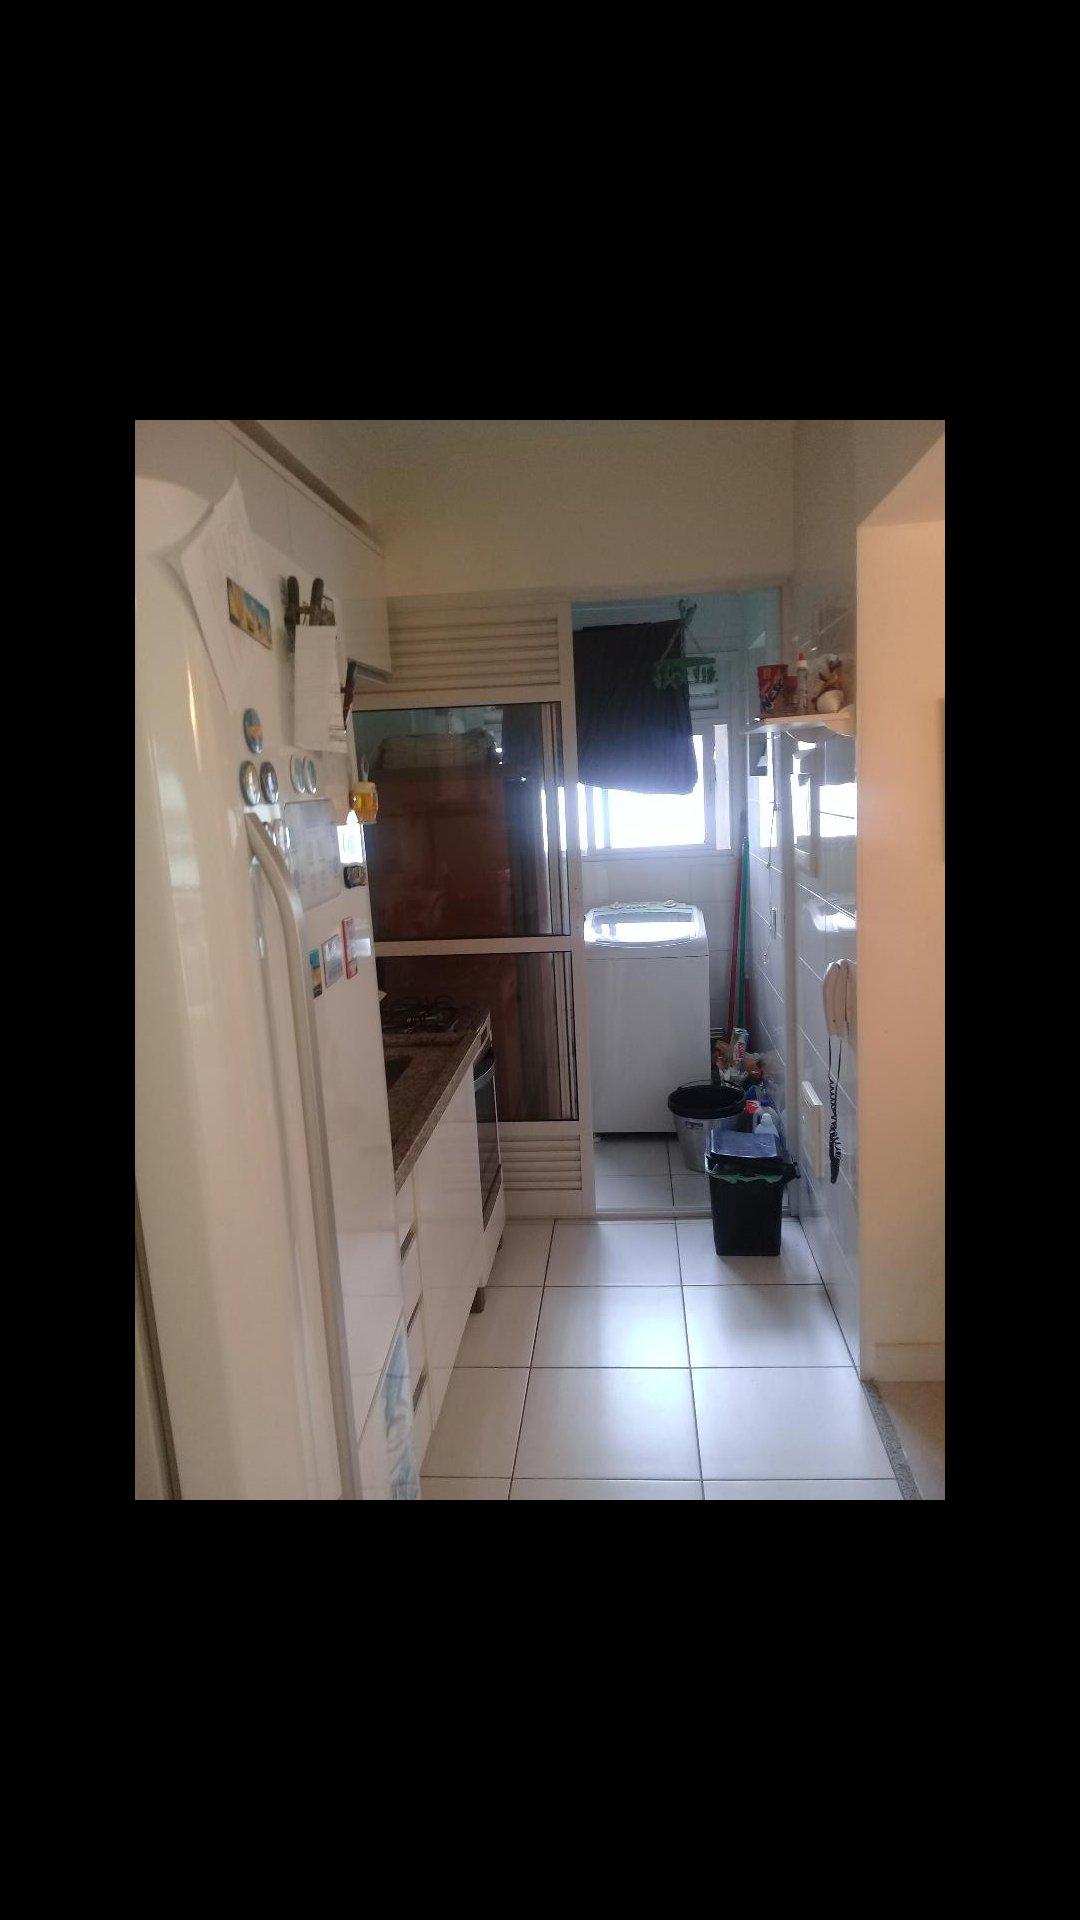 Apartamento Barra Funda Direto Com Propriet Rio Alberto ~ Quarto E Cozinha Para Alugar Direto Com Proprietario